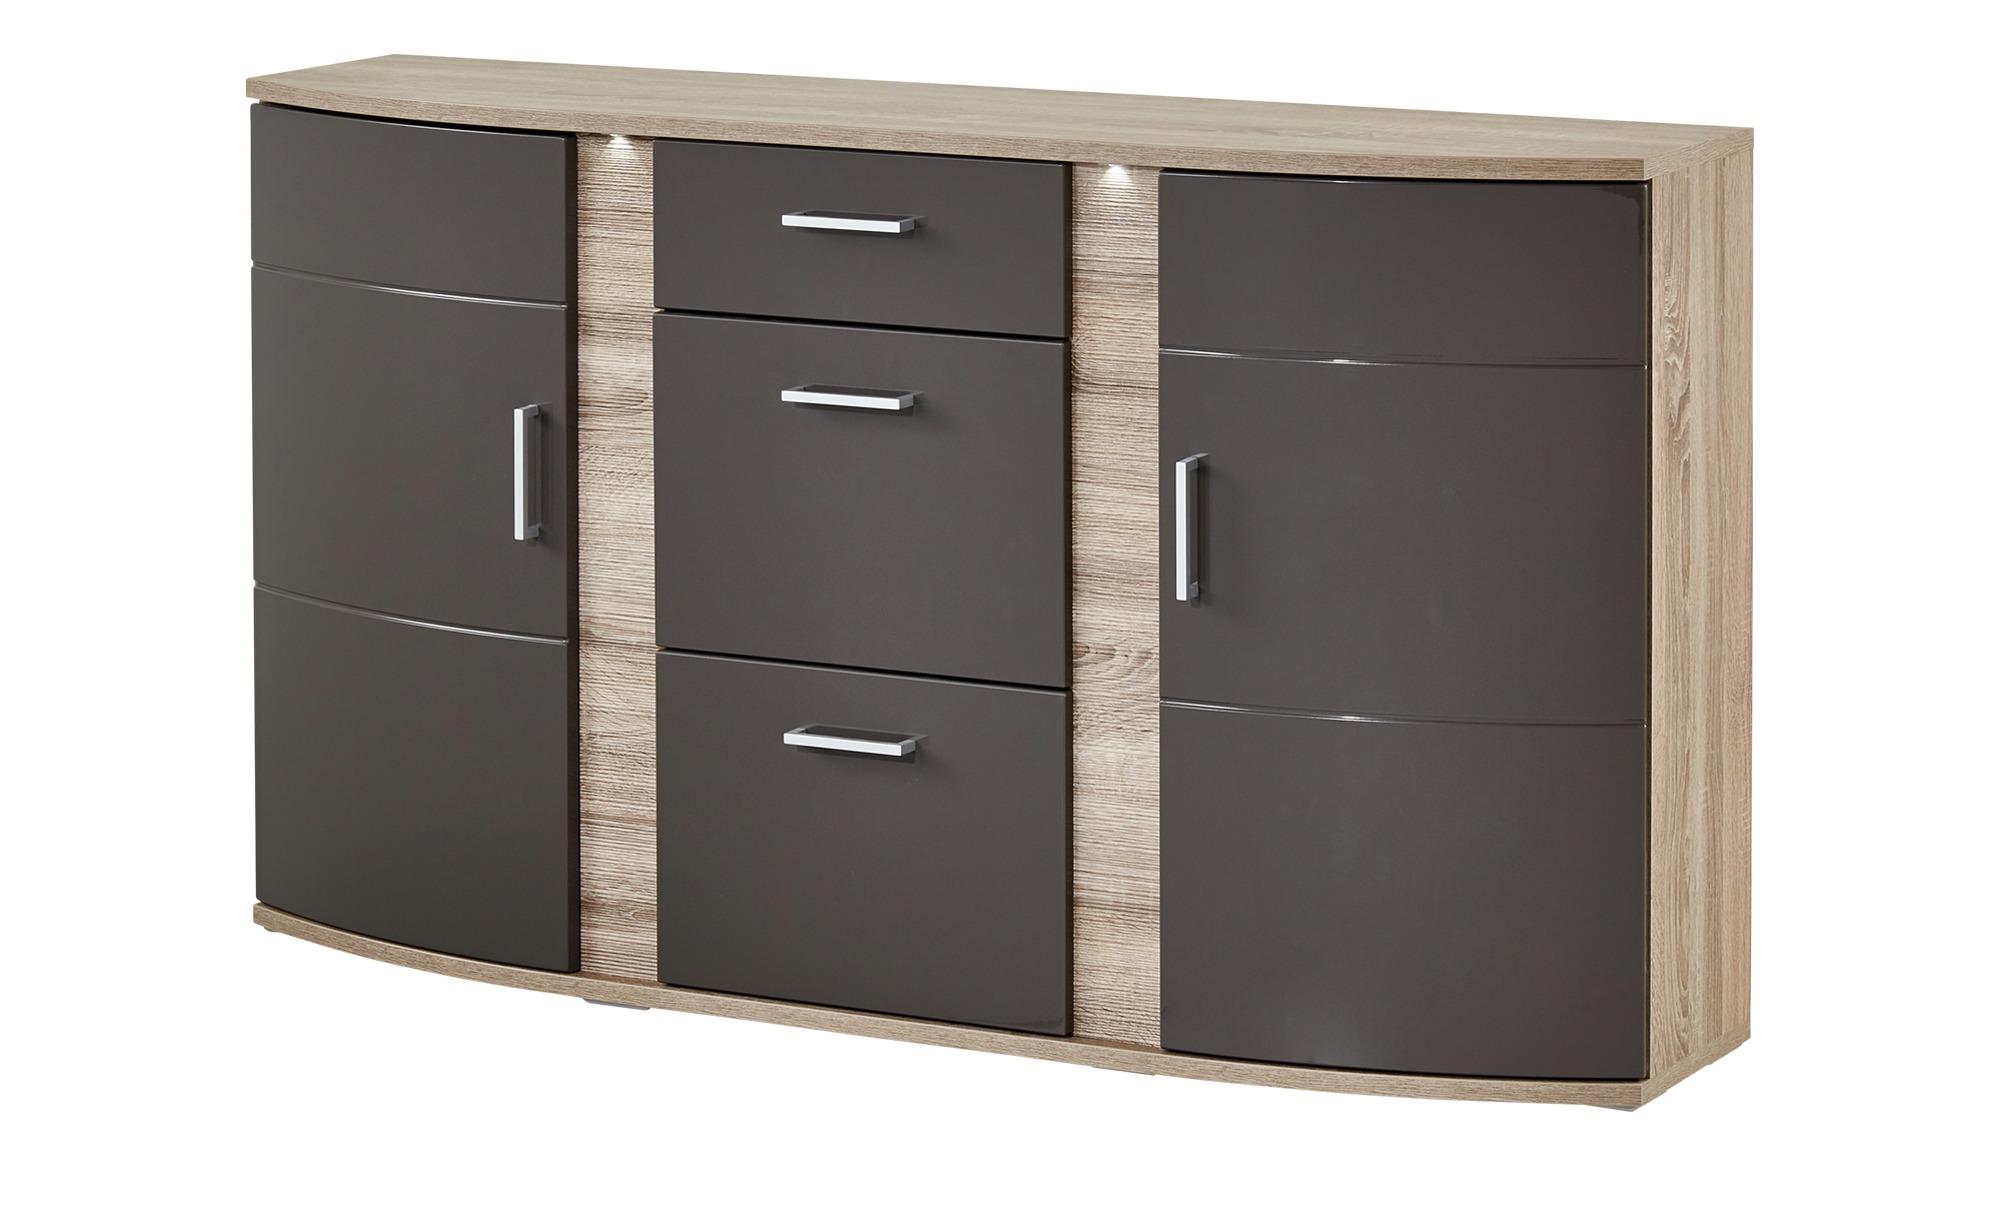 uno sideboard mit beleuchtung onyx breite 164 cm h he 94 cm online kaufen bei woonio. Black Bedroom Furniture Sets. Home Design Ideas